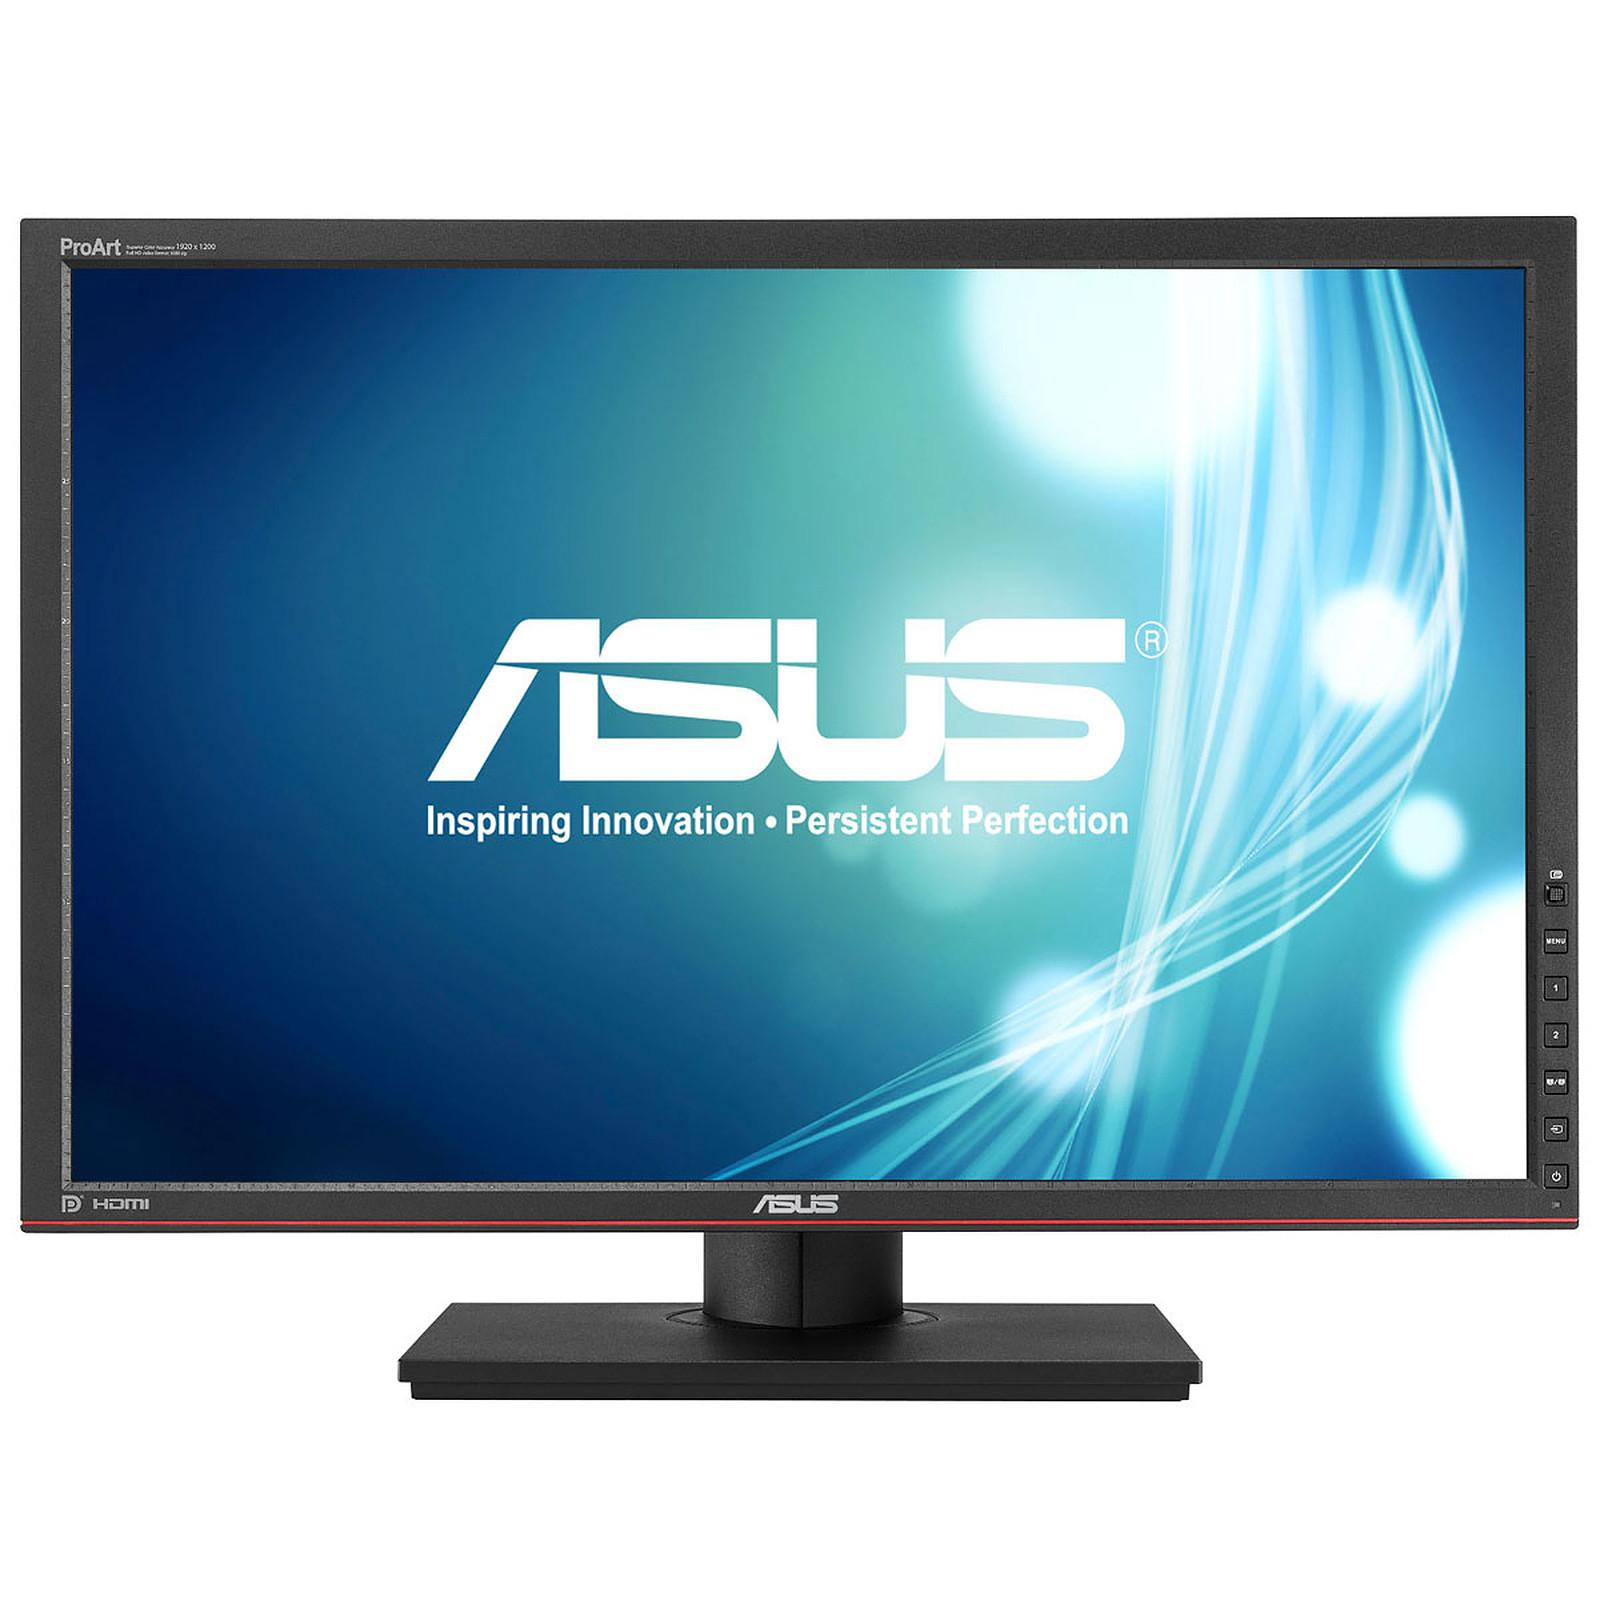 """ASUS 24.1"""" LED - PA249Q"""